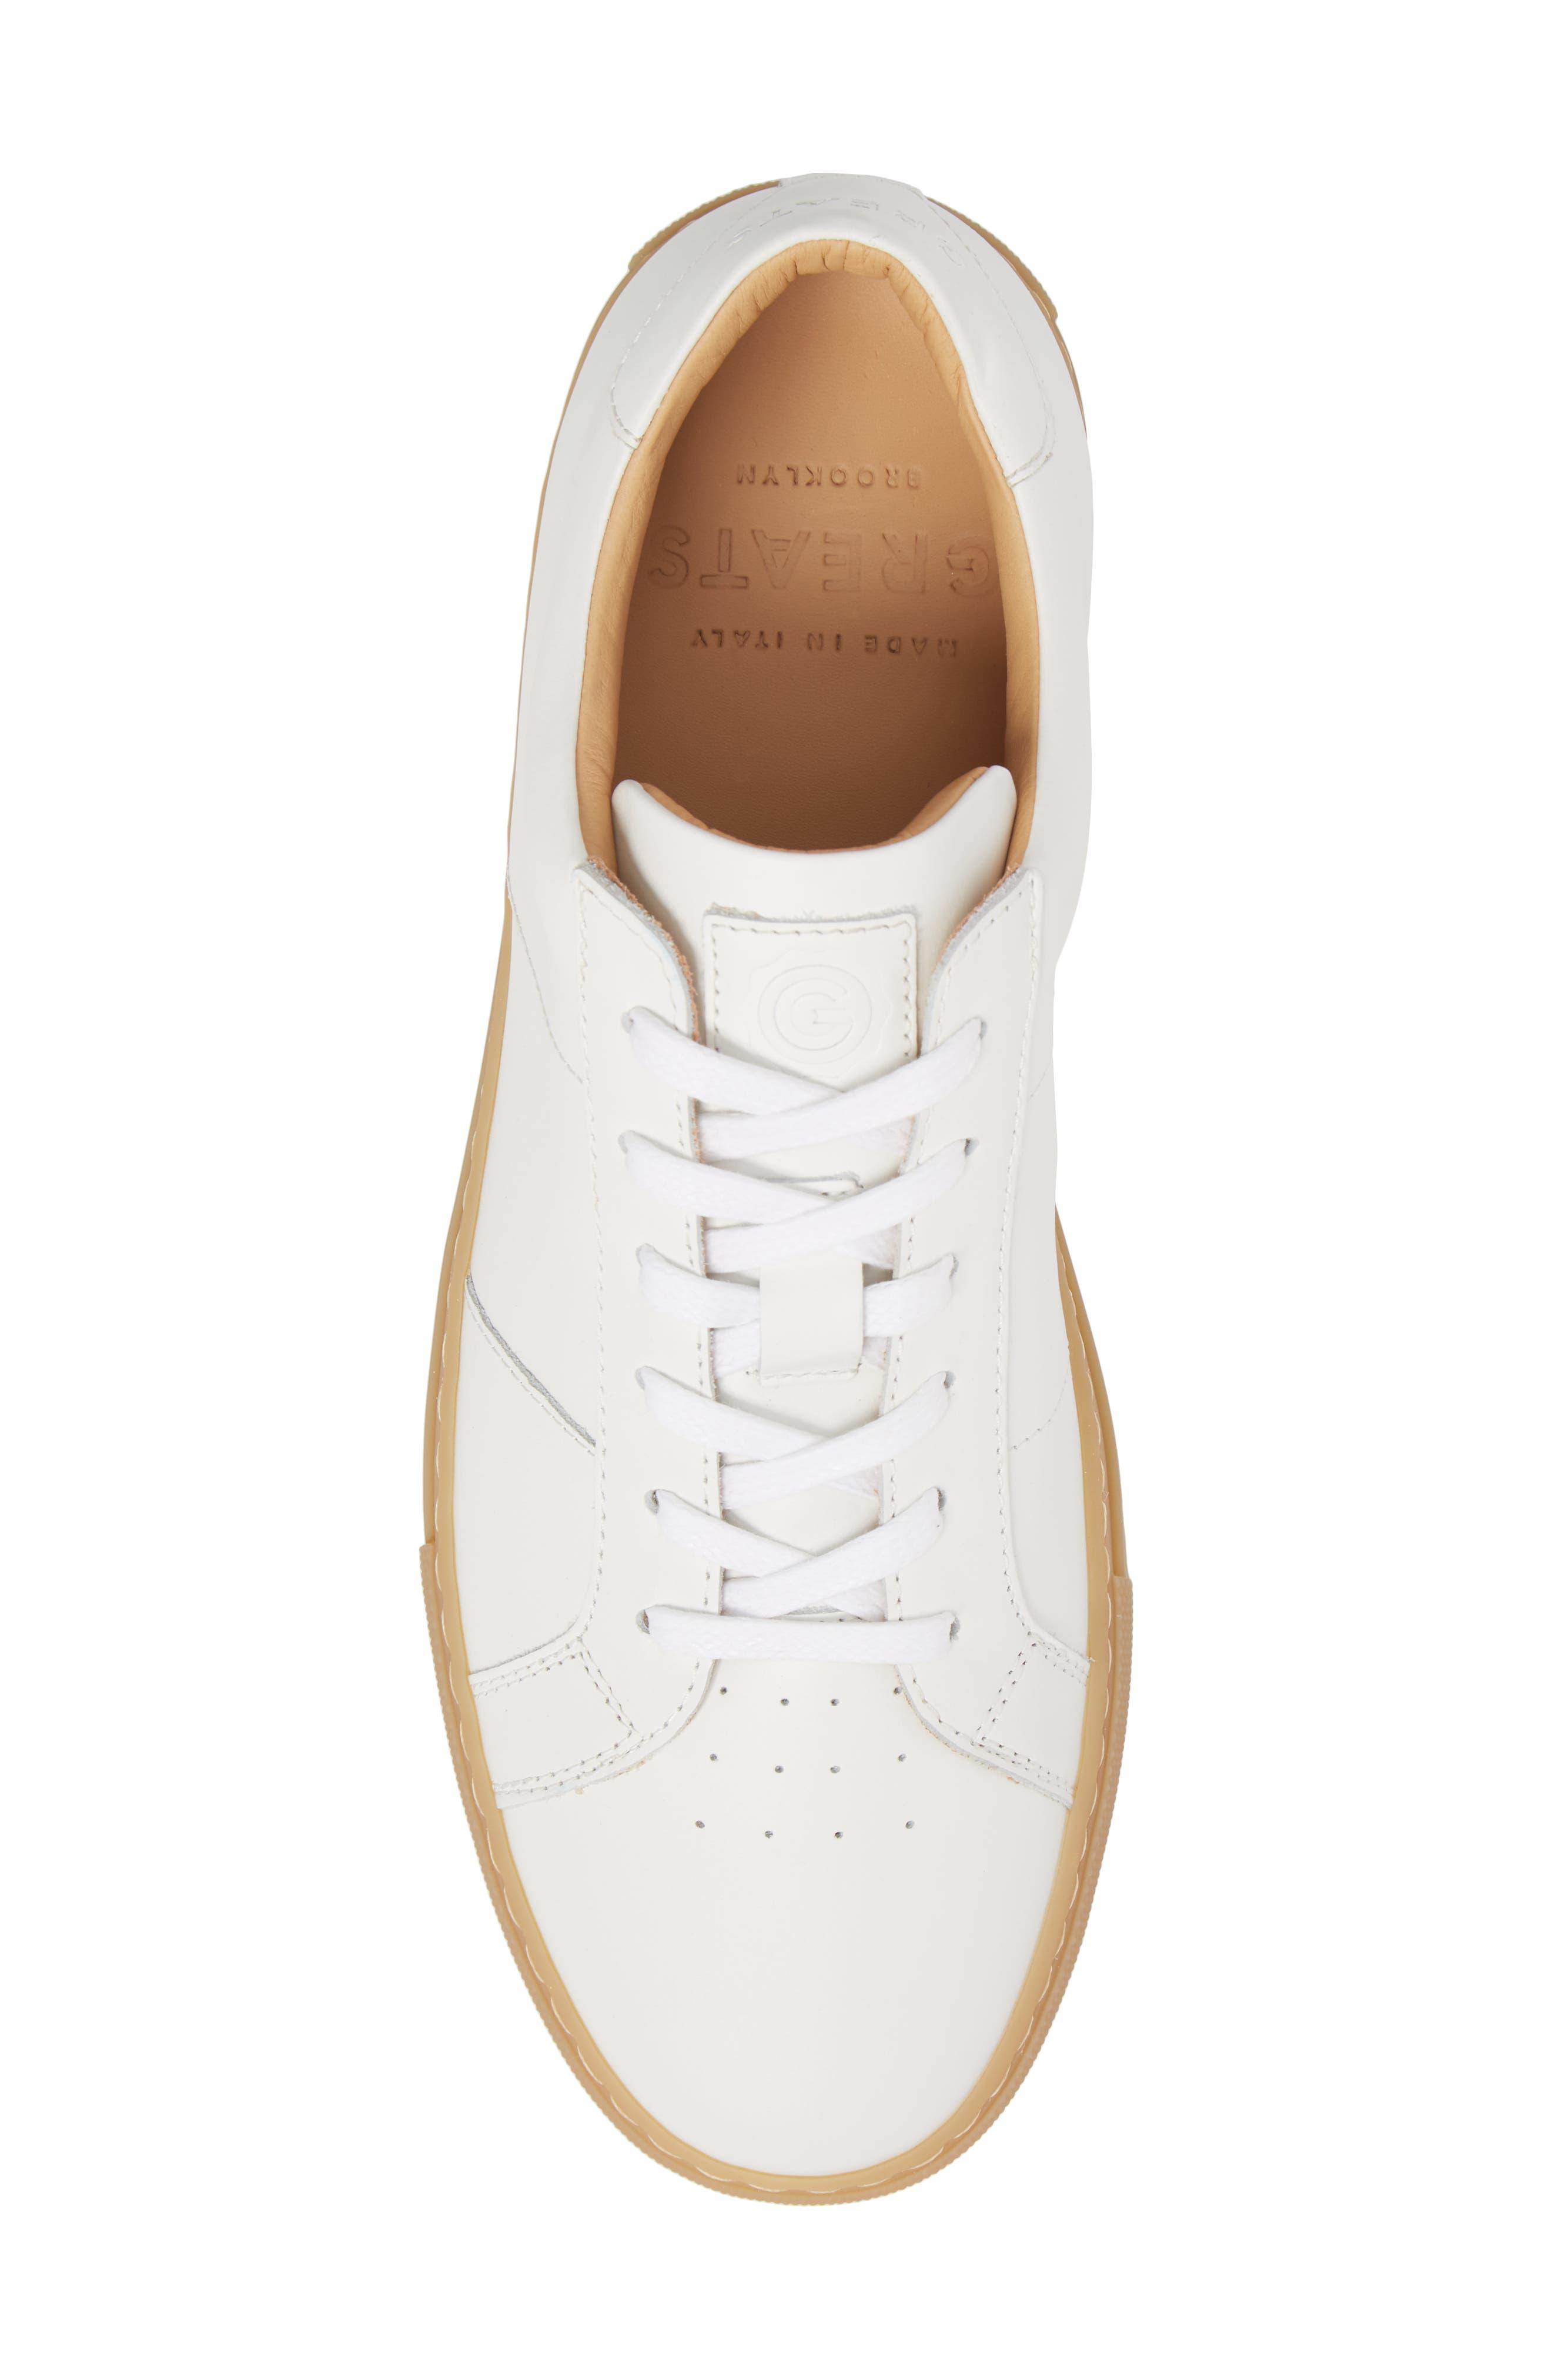 Royale Reverse Sneaker,                             Alternate thumbnail 5, color,                             White/ Gum